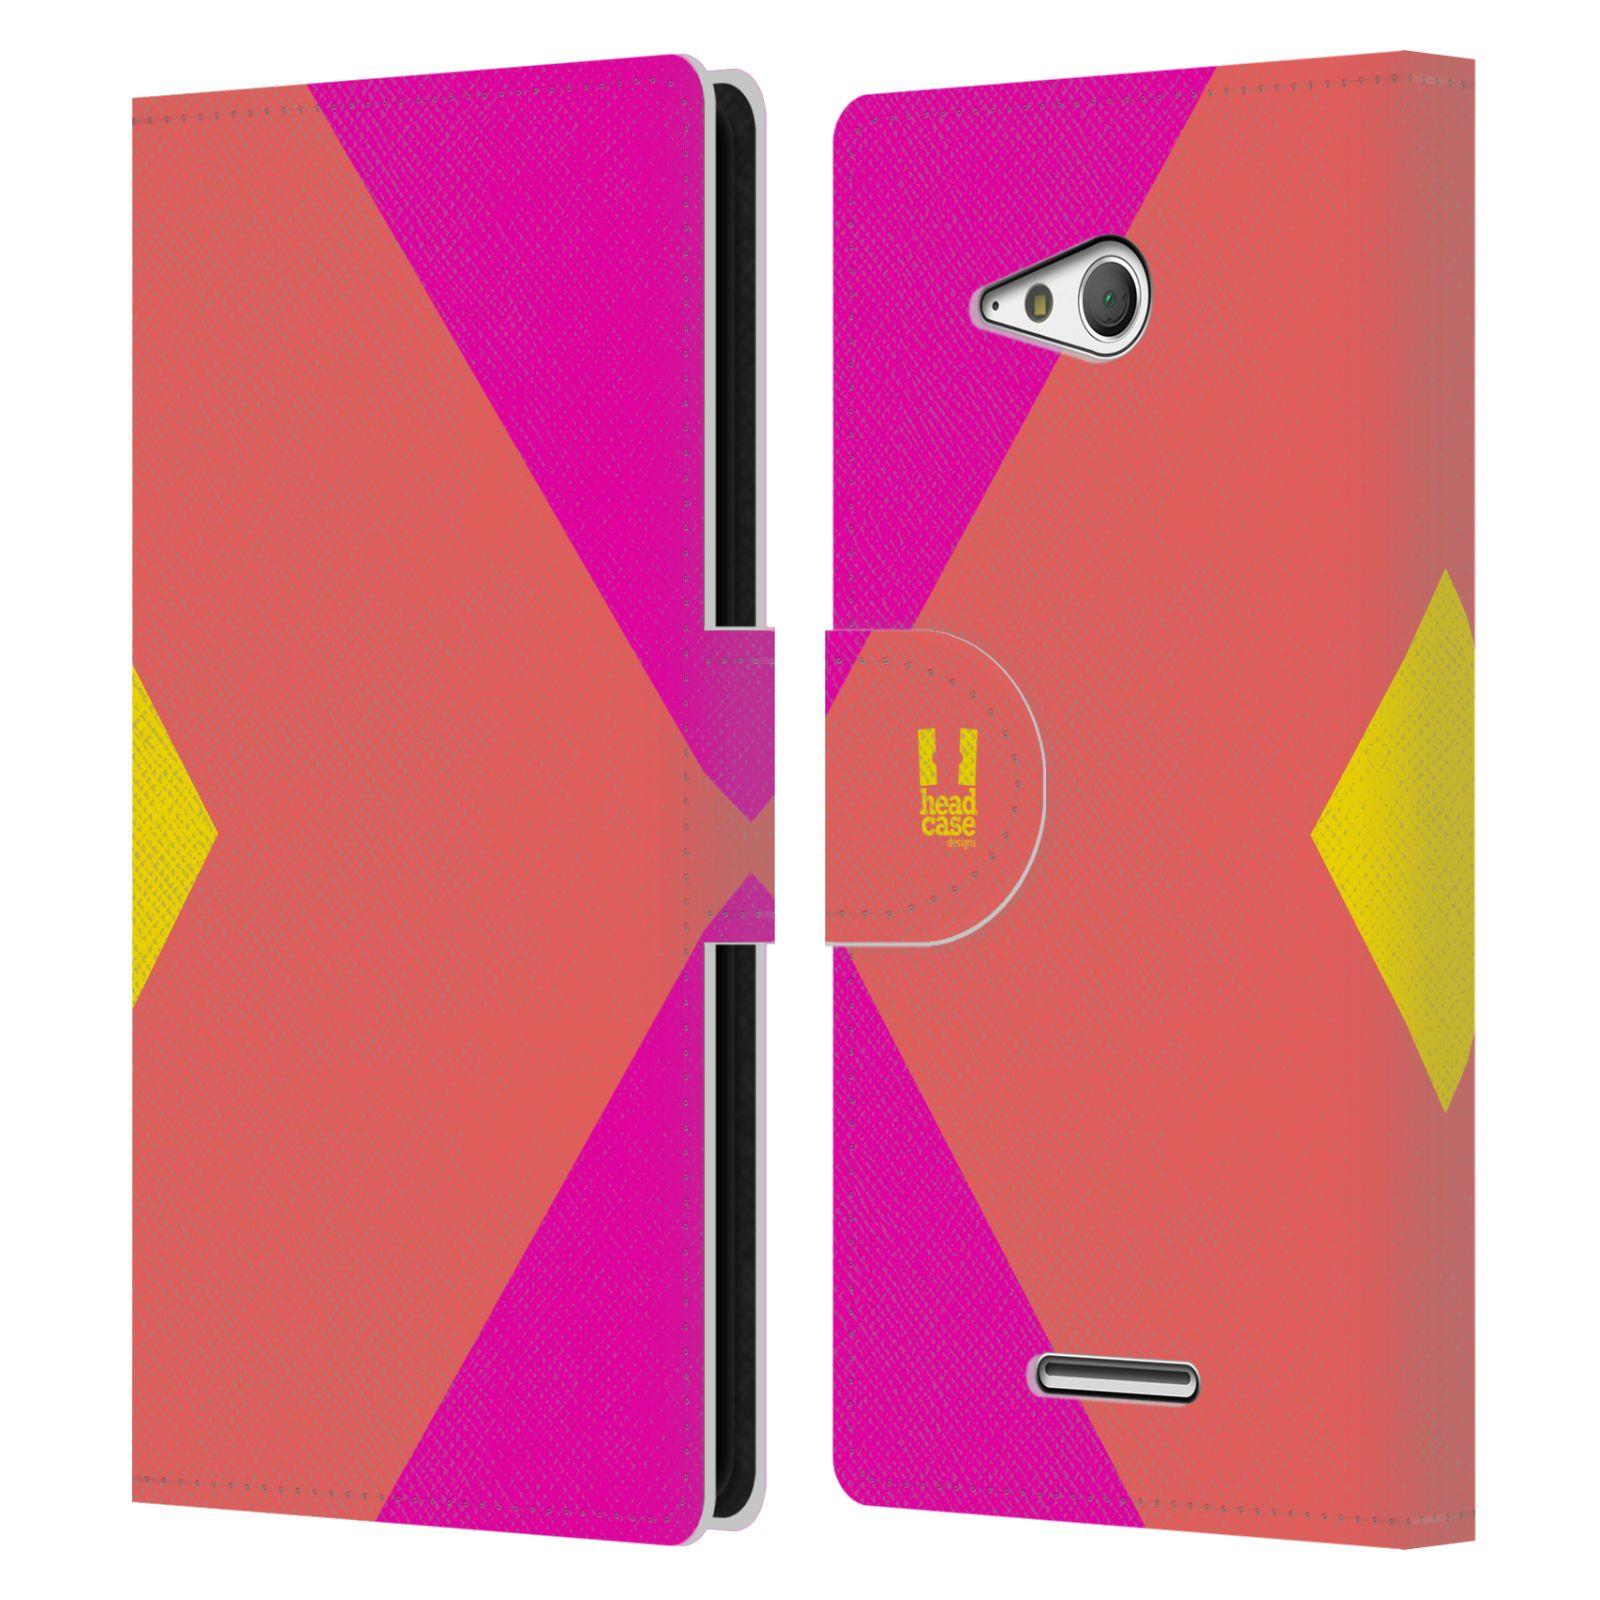 HEAD CASE Flipové pouzdro pro mobil SONY Xperia E4g barevné tvary růžová korál